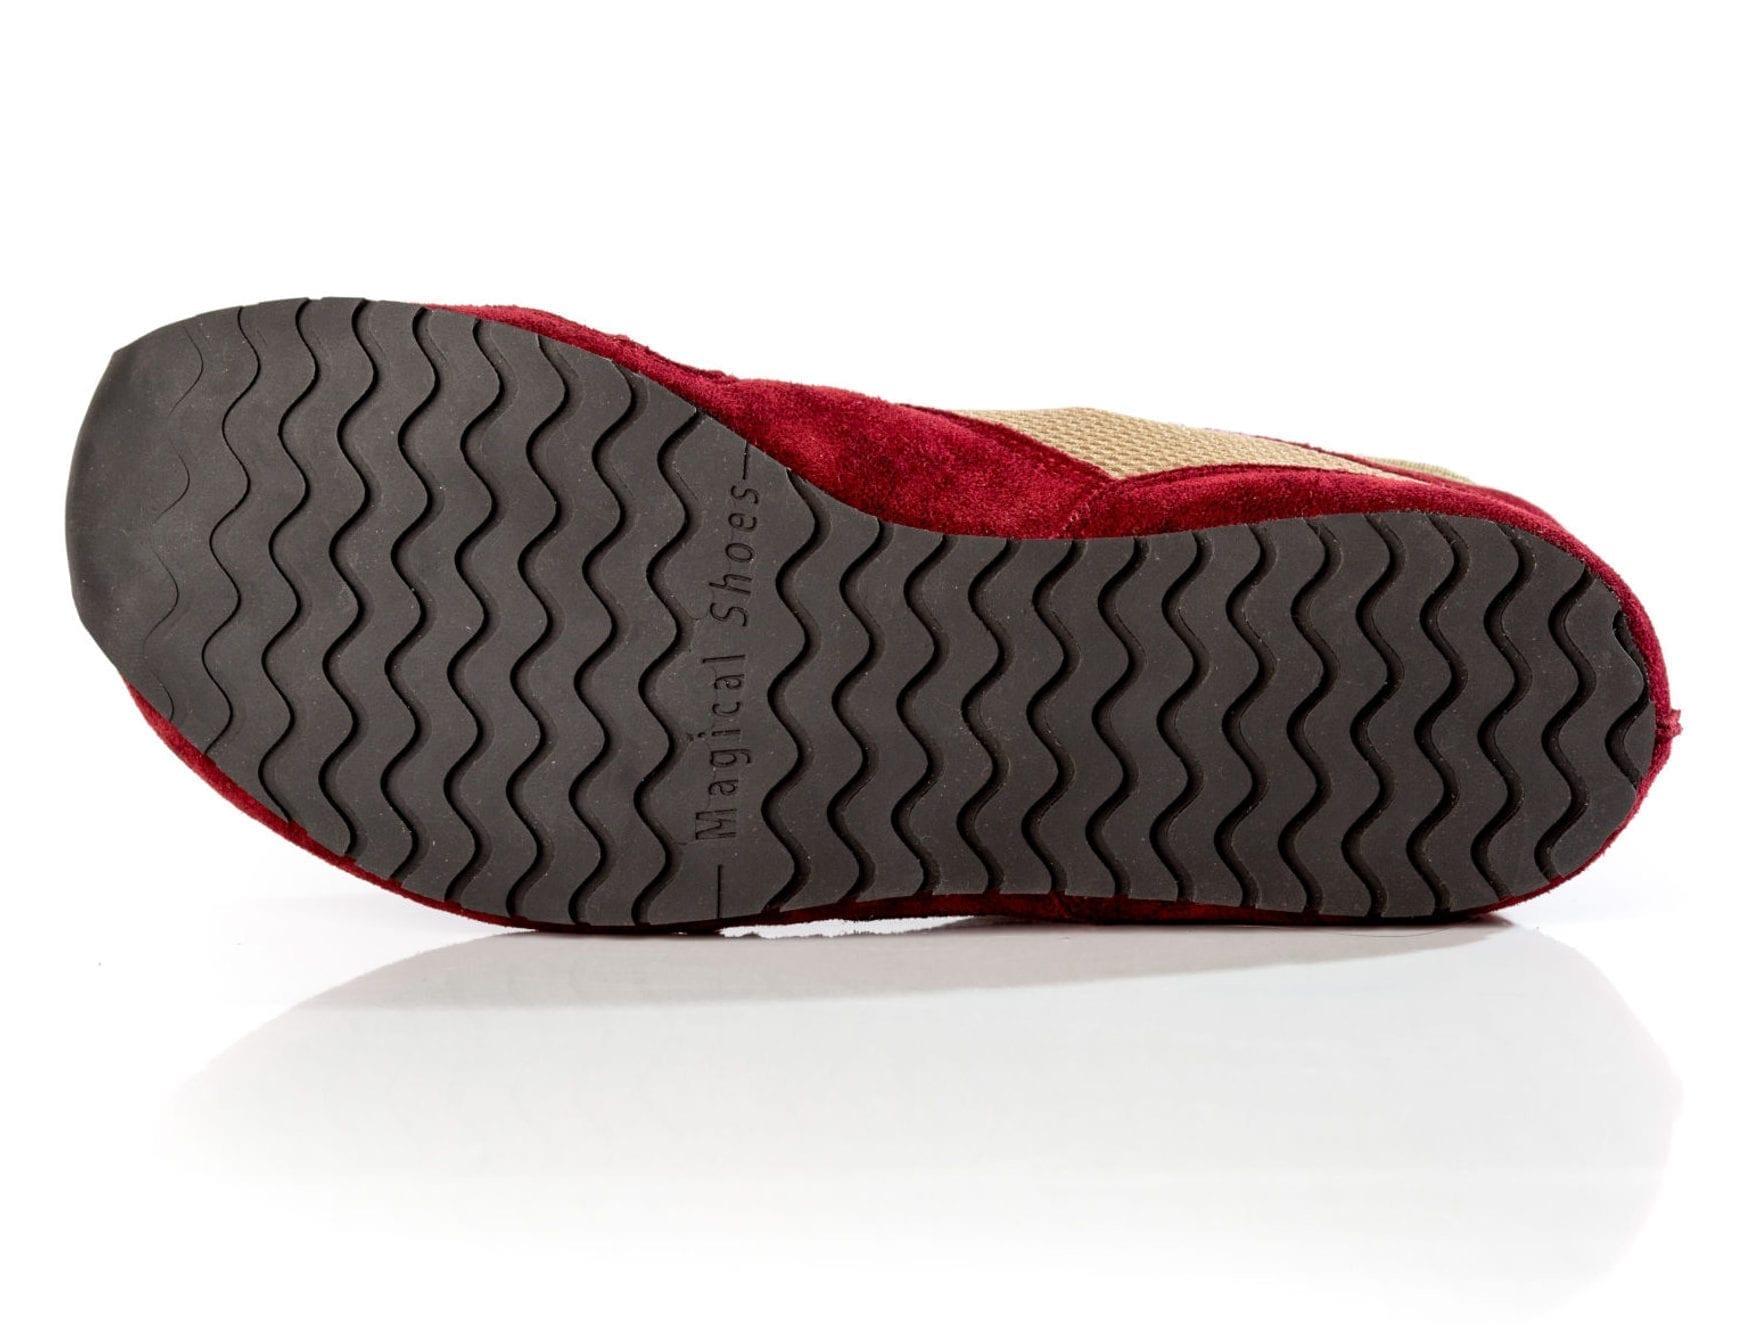 obuwie bieganie boso minimalistyczne Magical Shoes explorer fruity claret podeszwa